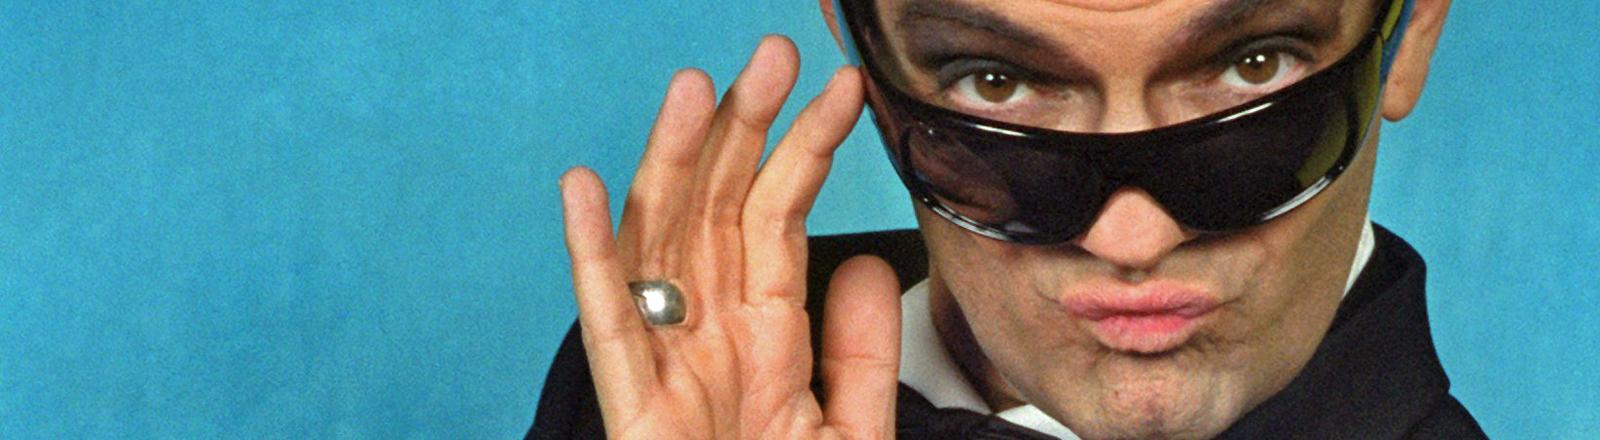 """Axel Herrig, geschminkt als Sänger Falco für das Musical """"Falco Meets Amadeus"""", aufgenommen am 10.4.2002 in Oberhausen."""